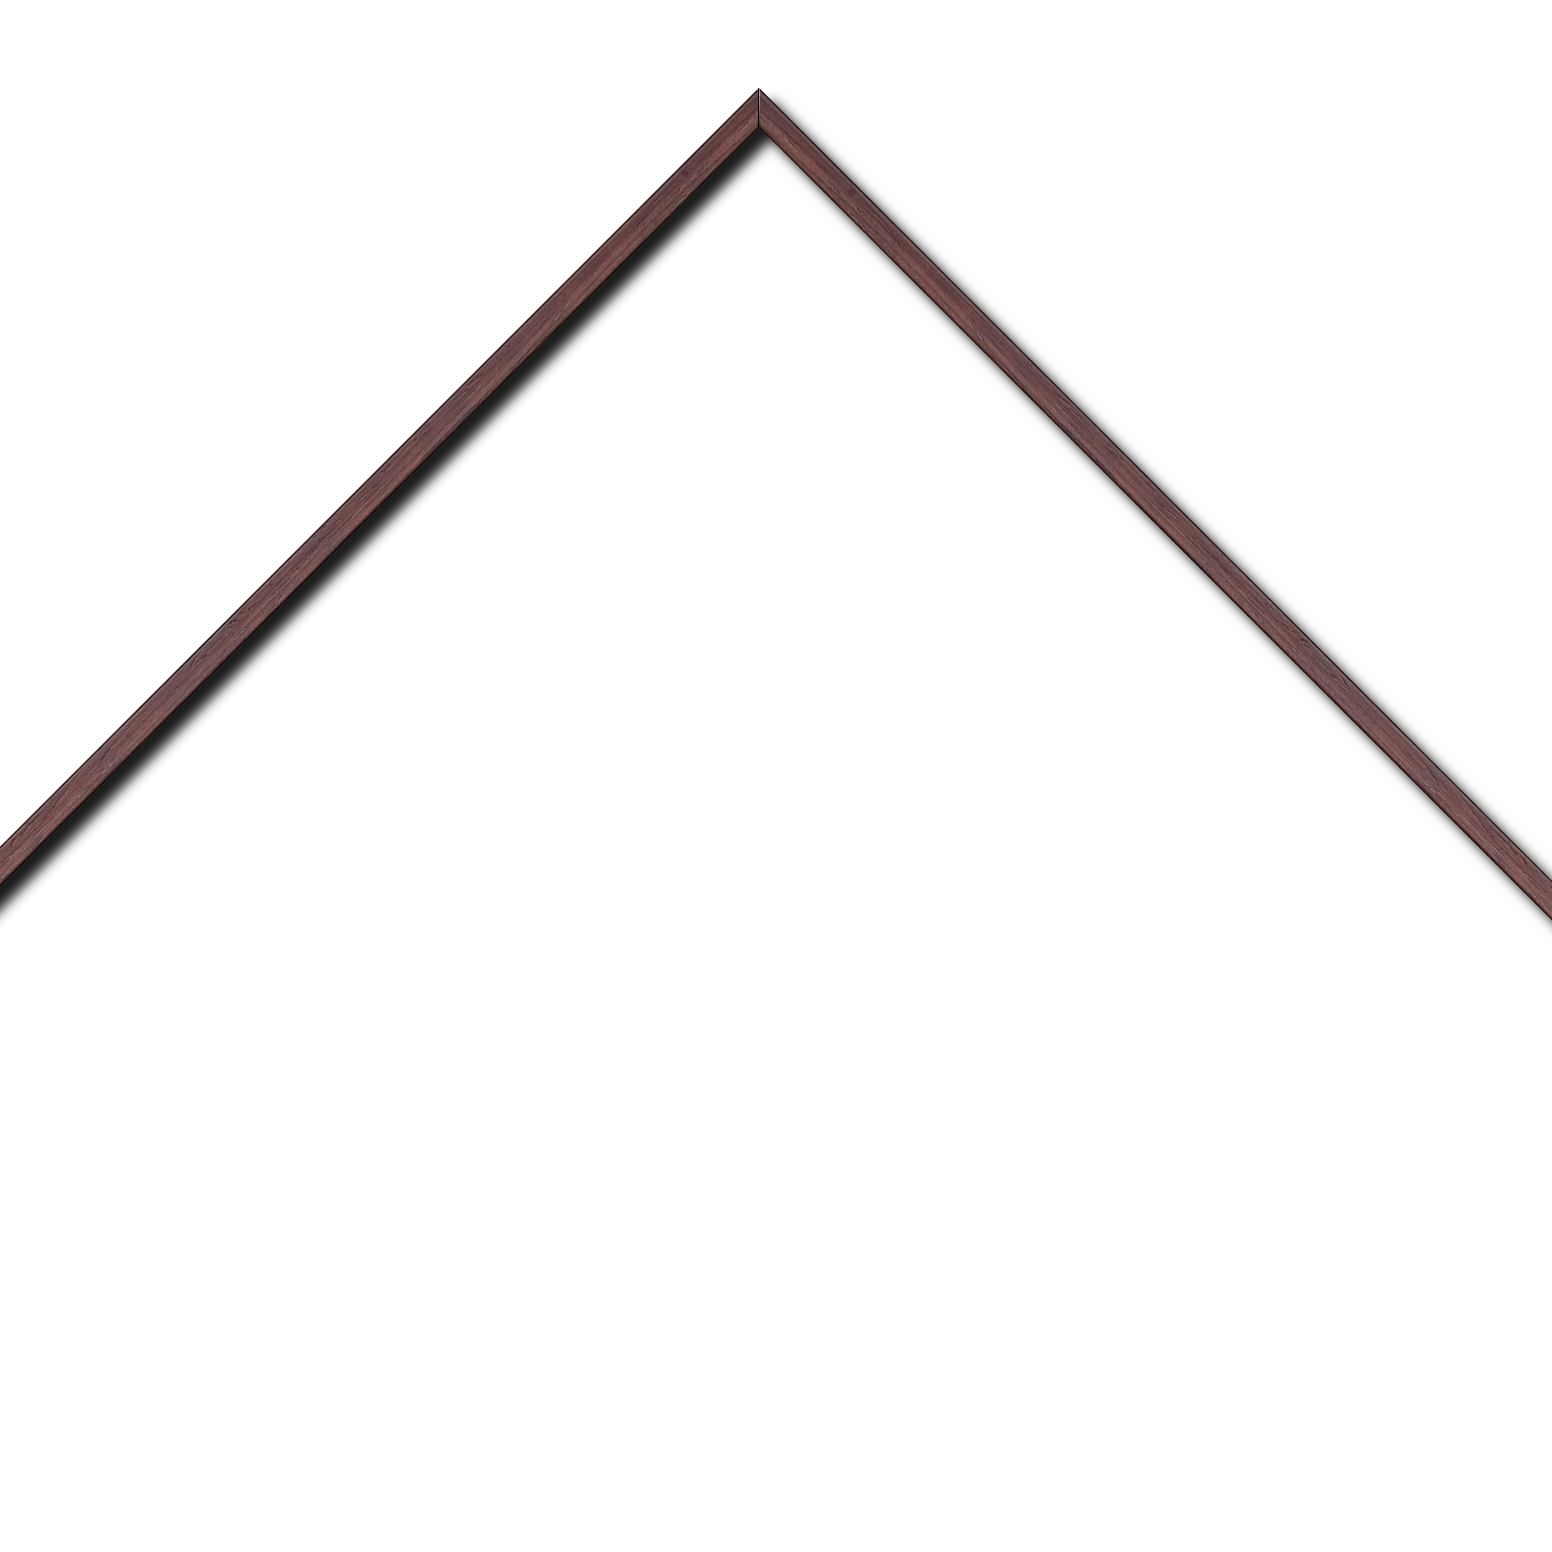 Baguette aluminium profil plat largeur 8mm, placage véritable wengé ,(le sujet qui sera glissé dans le cadre sera en retrait de 6mm de la face du cadre assurant un effet très contemporain) mise en place du sujet rapide et simple: il faut enlever les ressorts qui permet de pousser le sujet vers l'avant du cadre et ensuite à l'aide d'un tournevis plat dévisser un coté du cadre tenu par une équerre à vis à chaque angle afin de pouvoir glisser le sujet dans celui-ci et ensuite revisser le coté (encadrement livré monté prêt à l'emploi )